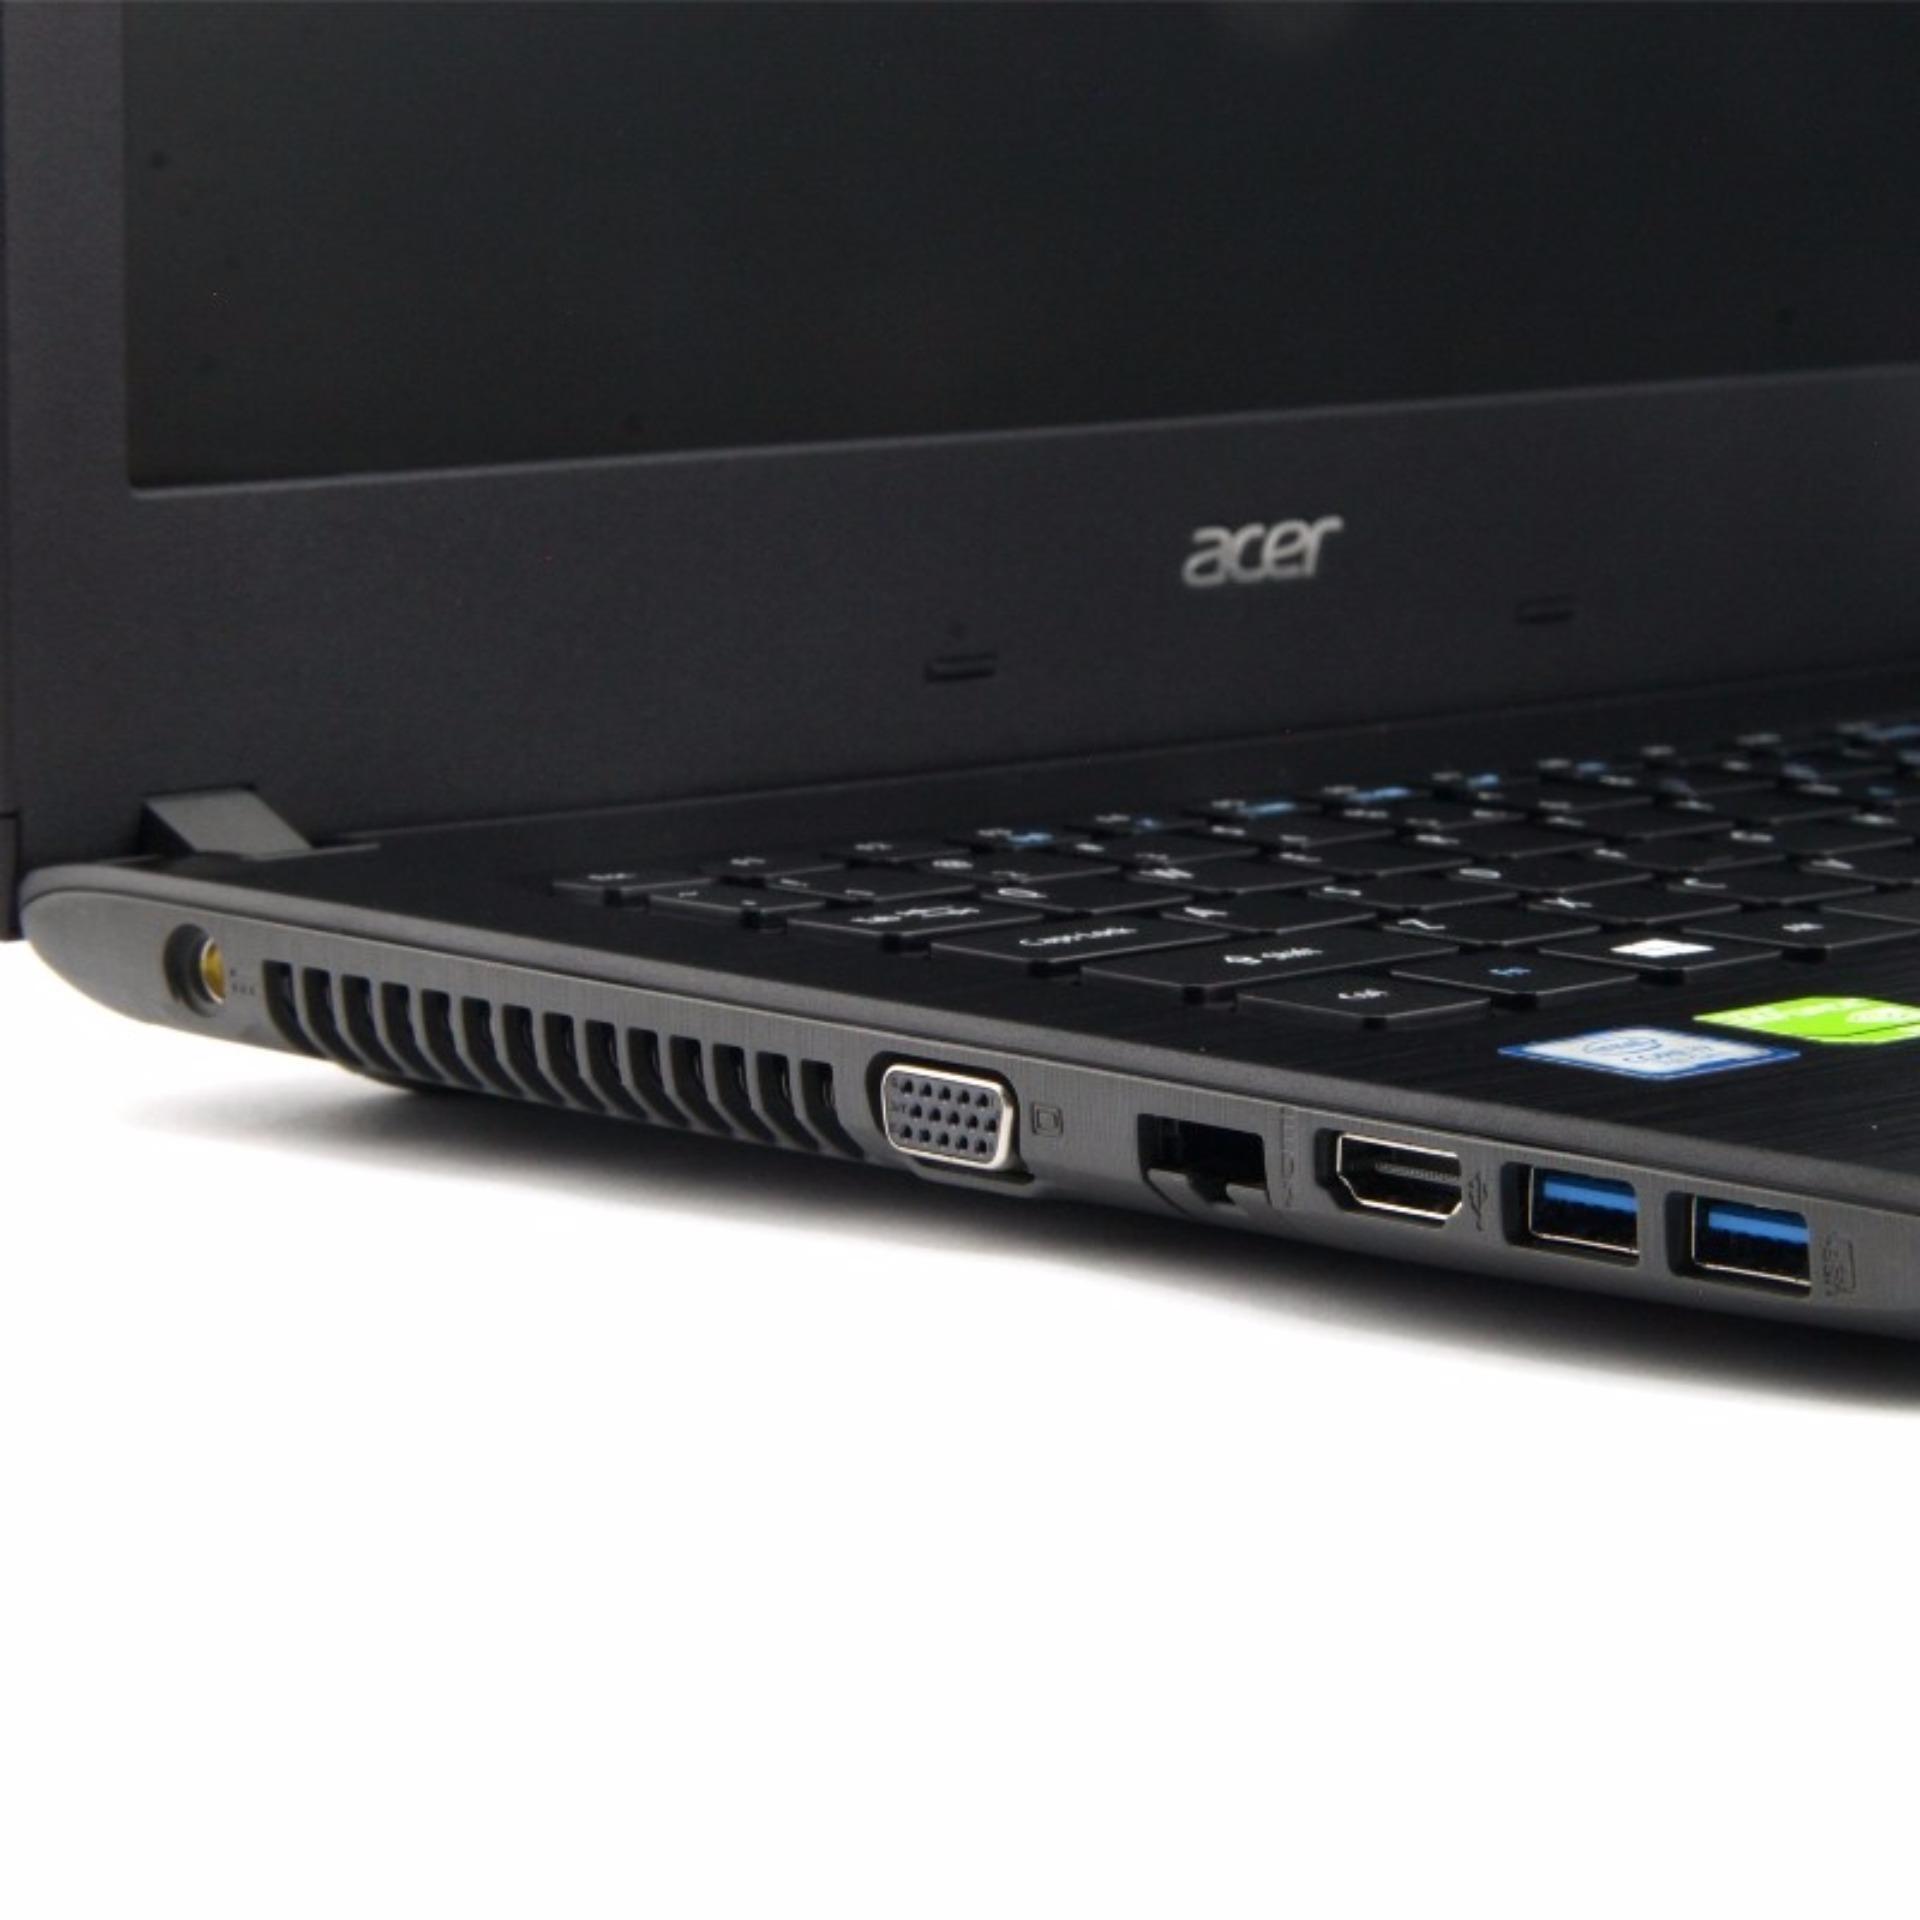 Acer Aspire E5 475g I7 7500u 8gb 128 1tb Gt940mx 2gb Ddr5 Dos 14inch Notebook Grey I5 7200u 4gb Ddr4 Hdd 73a3 Intel Core Ram 1000gb